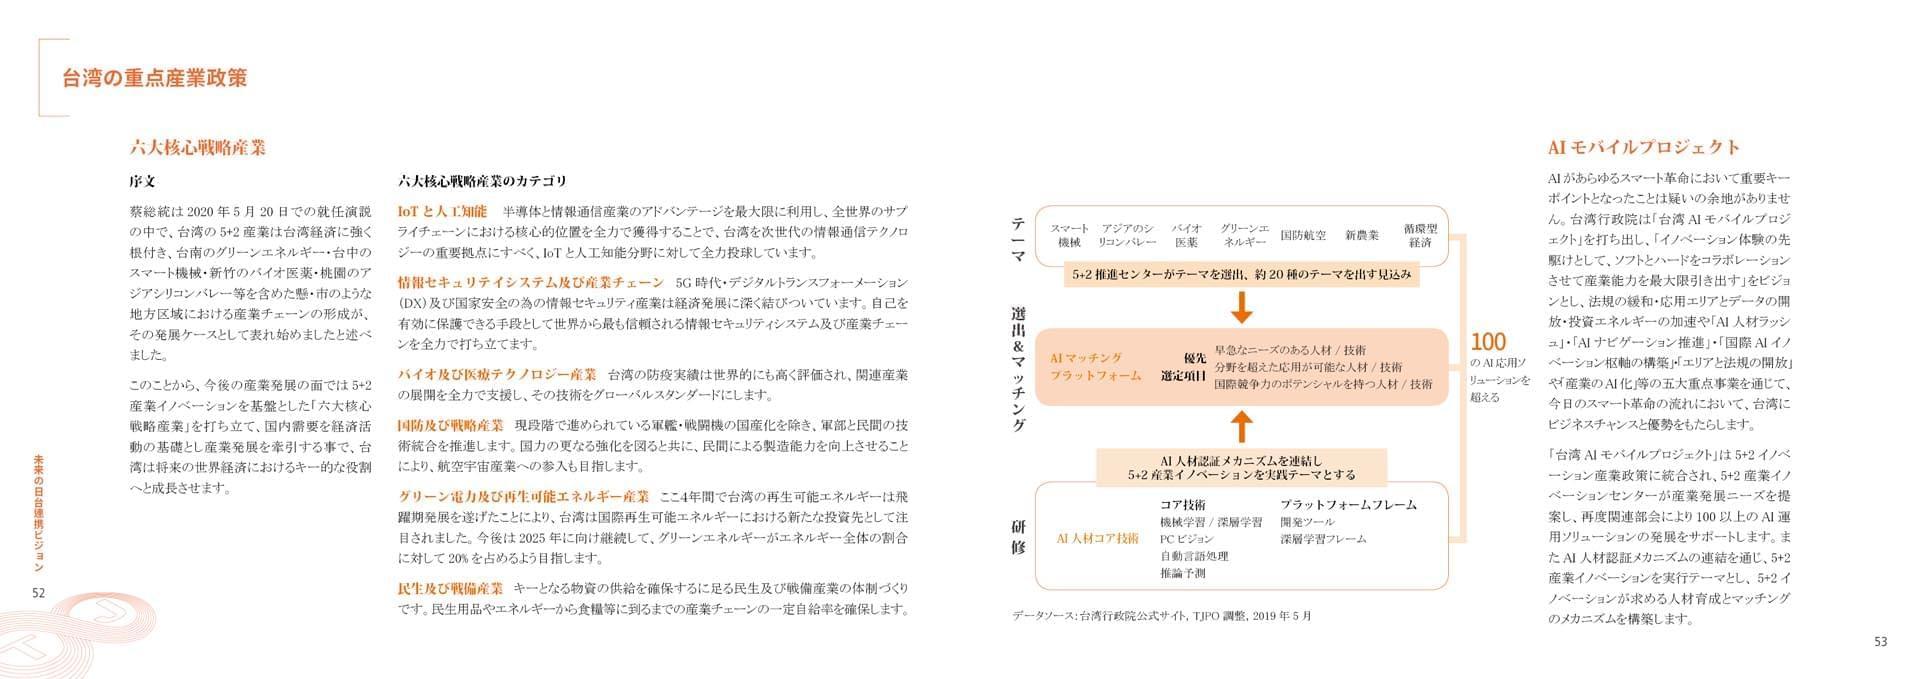 台日型錄-日文版60頁-第二次修改070229